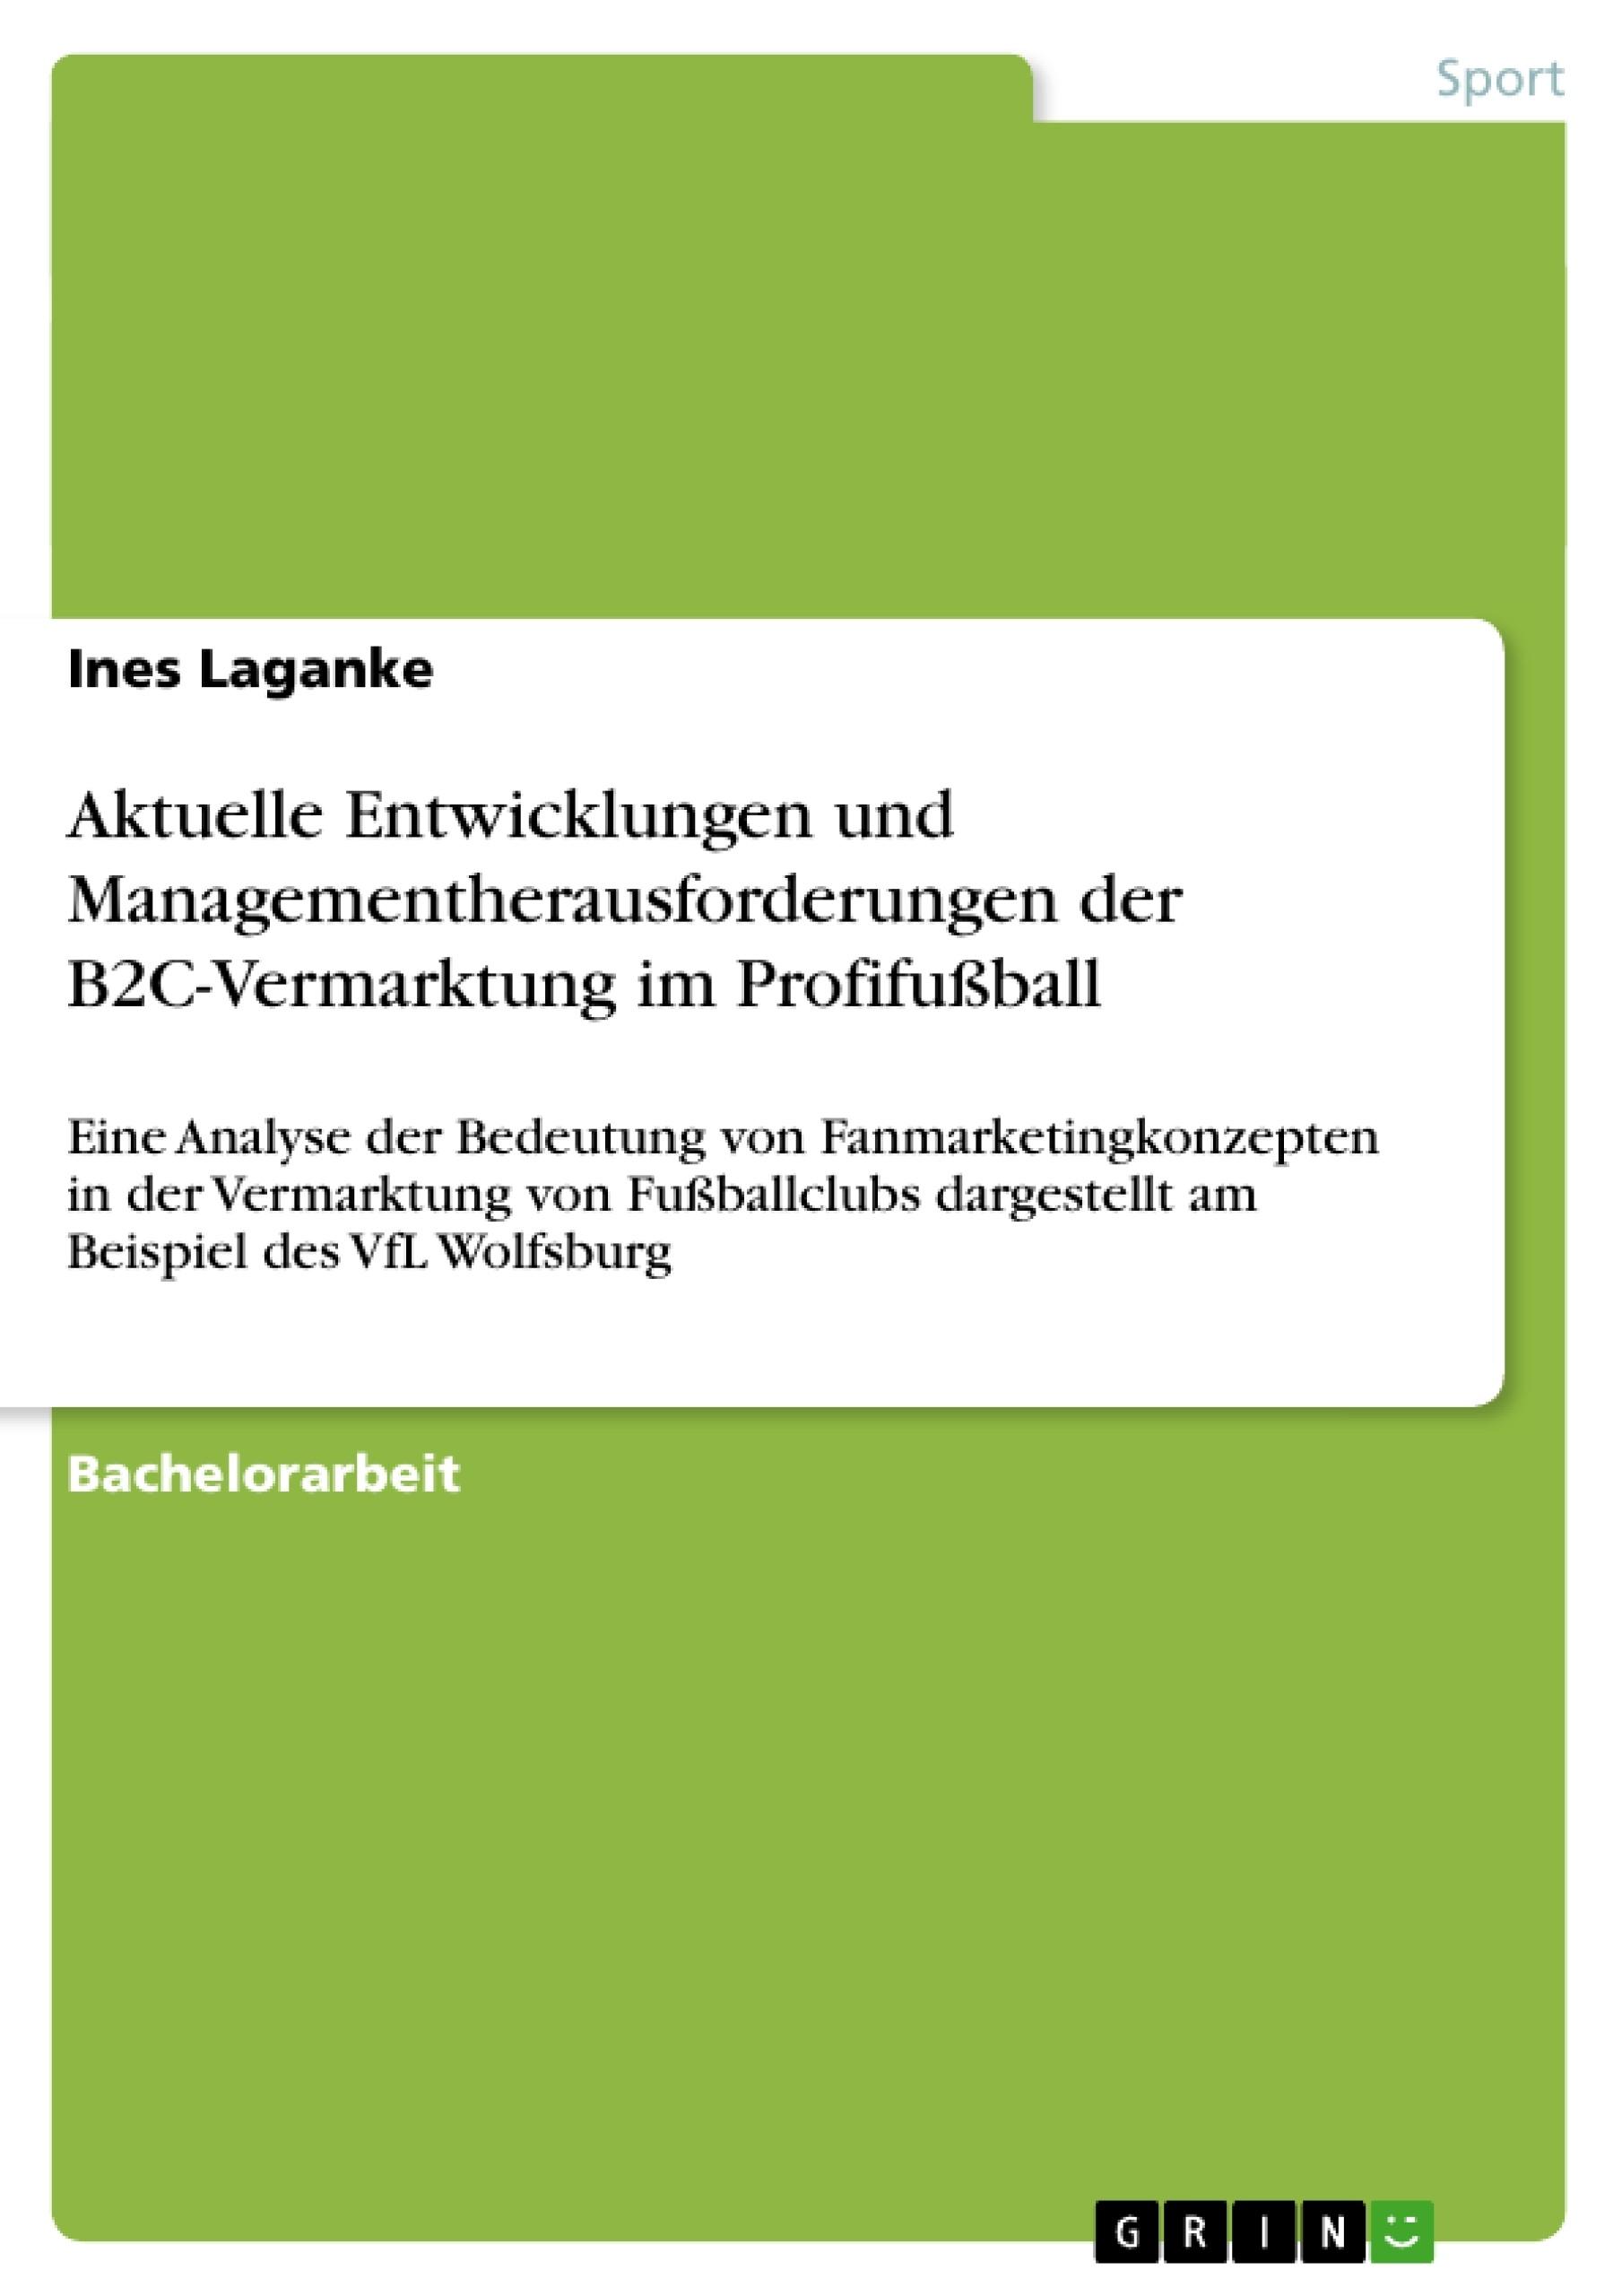 Titel: Aktuelle Entwicklungen und Managementherausforderungen der B2C-Vermarktung im Profifußball